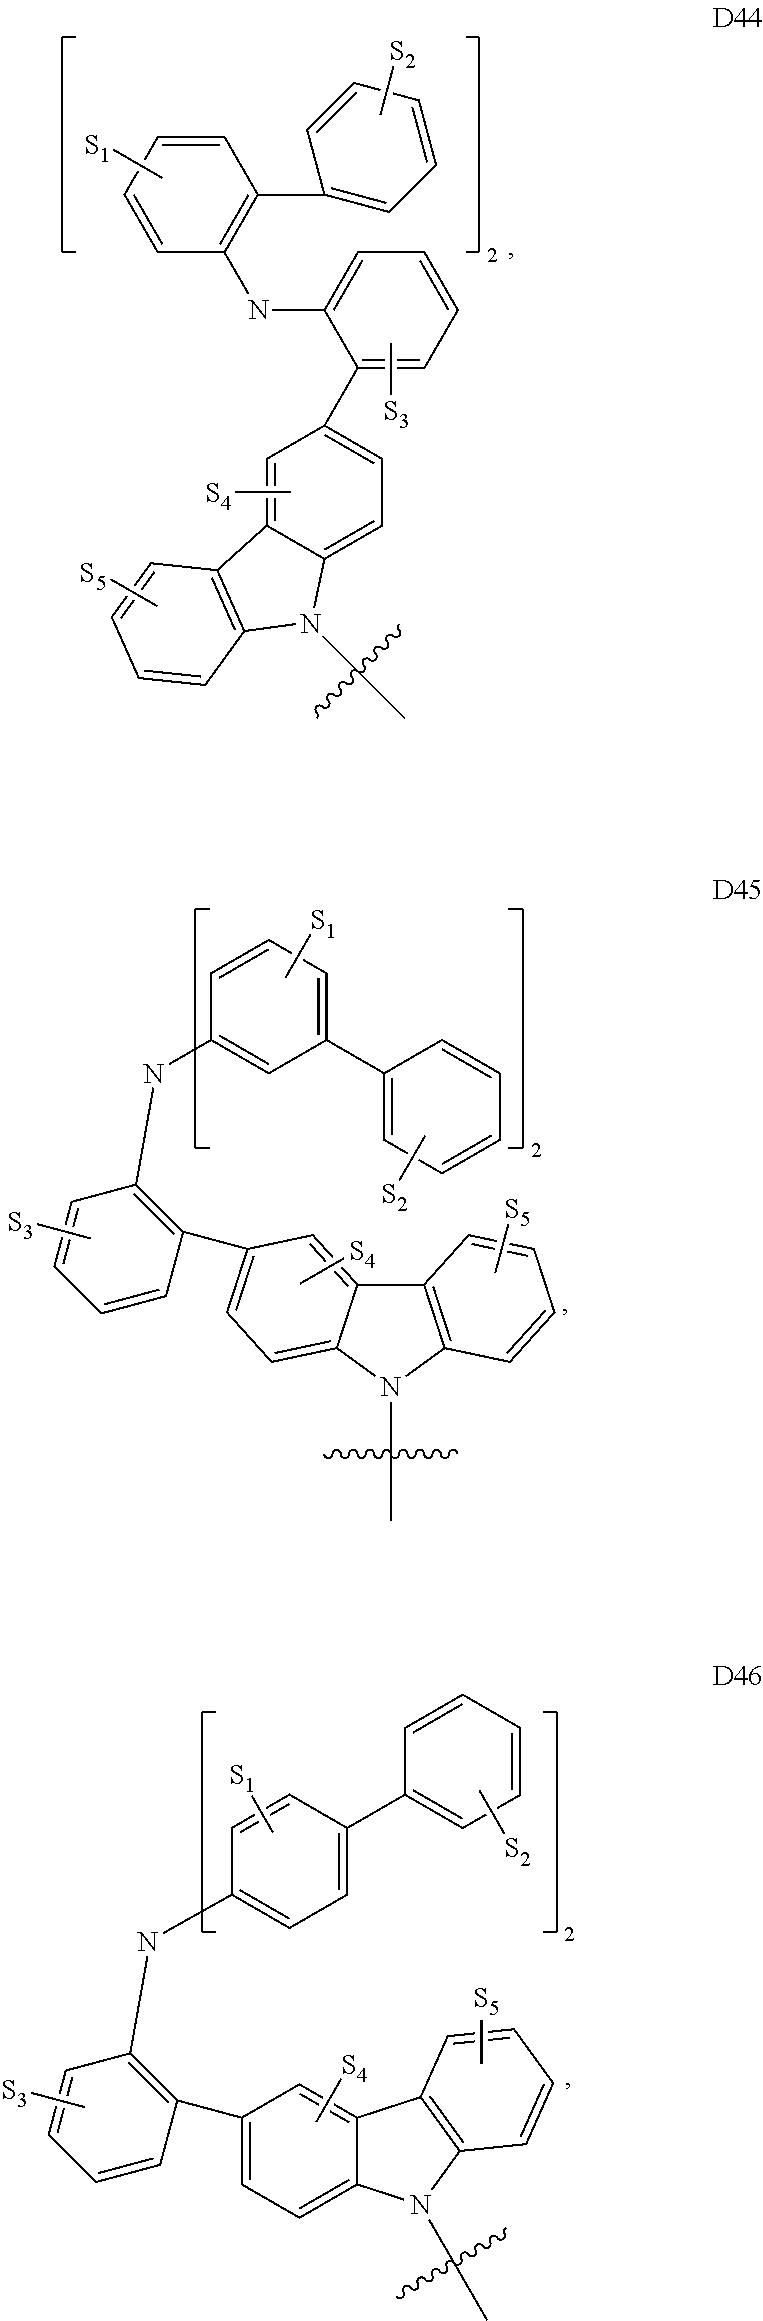 Figure US09537106-20170103-C00481